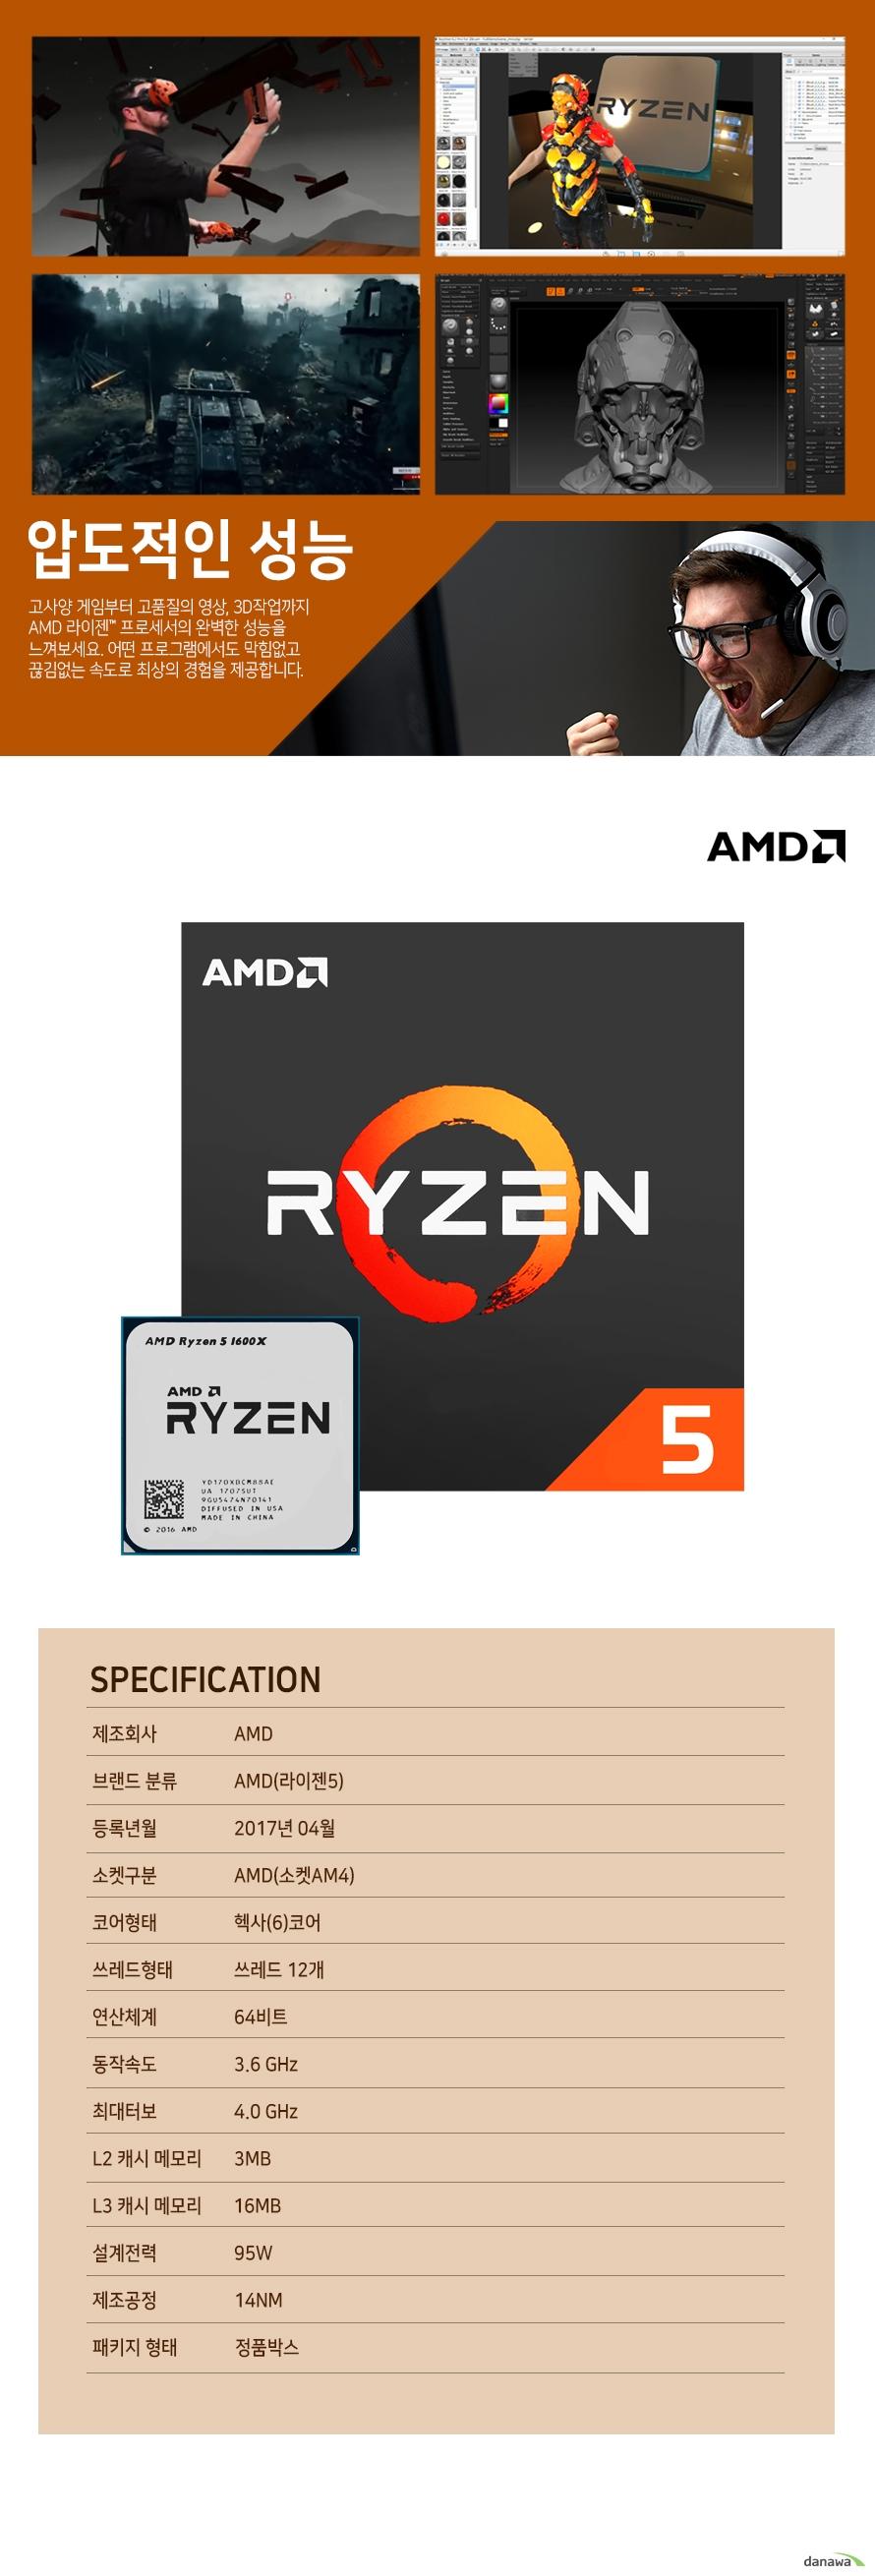 압도적인 성능                    고사양 게임부터 고품질의 영상 , 3D 작업까지 AMD 라이젠 프로세서의          완벽한 성능을 느껴보세요. 어떤 프로그램에서도 막힘없고 끊김없는          속도로 최상의 경험을 제공합니다.                    SPECIFICATION          제조 회사 AMD          브랜드 분류 AMD(라이젠 5)          등록년월 2017년 4월          소켓구분 AMD(소켓 AM4)          코어형태 헥사(6)코어          쓰레드 형태 쓰레드 12개          연산체계 64비트          동작속도 3.6GHZ          최대 터보 4.0GHZ          L2 캐시 메모리 3MB          L3 캐시 메모리 16MB          설계전력 95W          제조공정 14NM          패키지 형태 정품박스